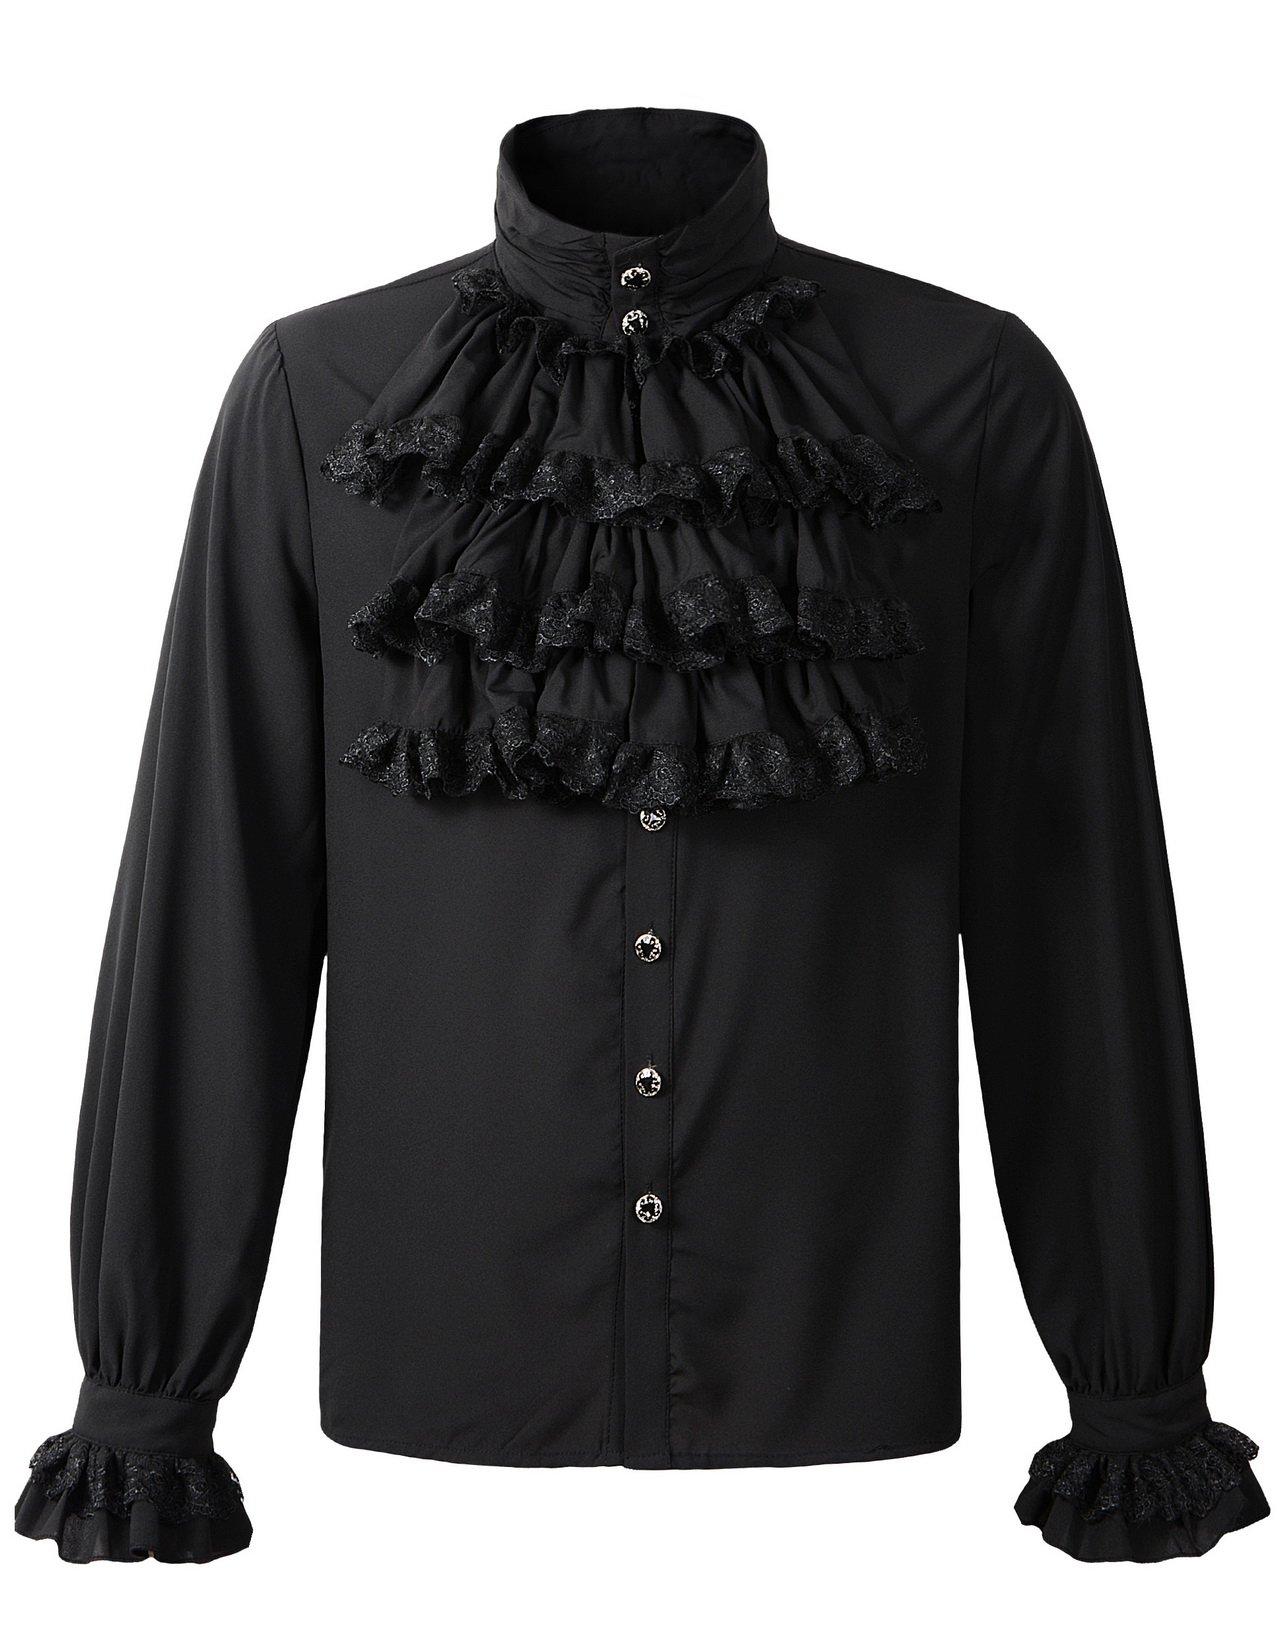 DarcChic Mens Gothic Shirt Top Steampunk Victorian Regency Aristocrat 3